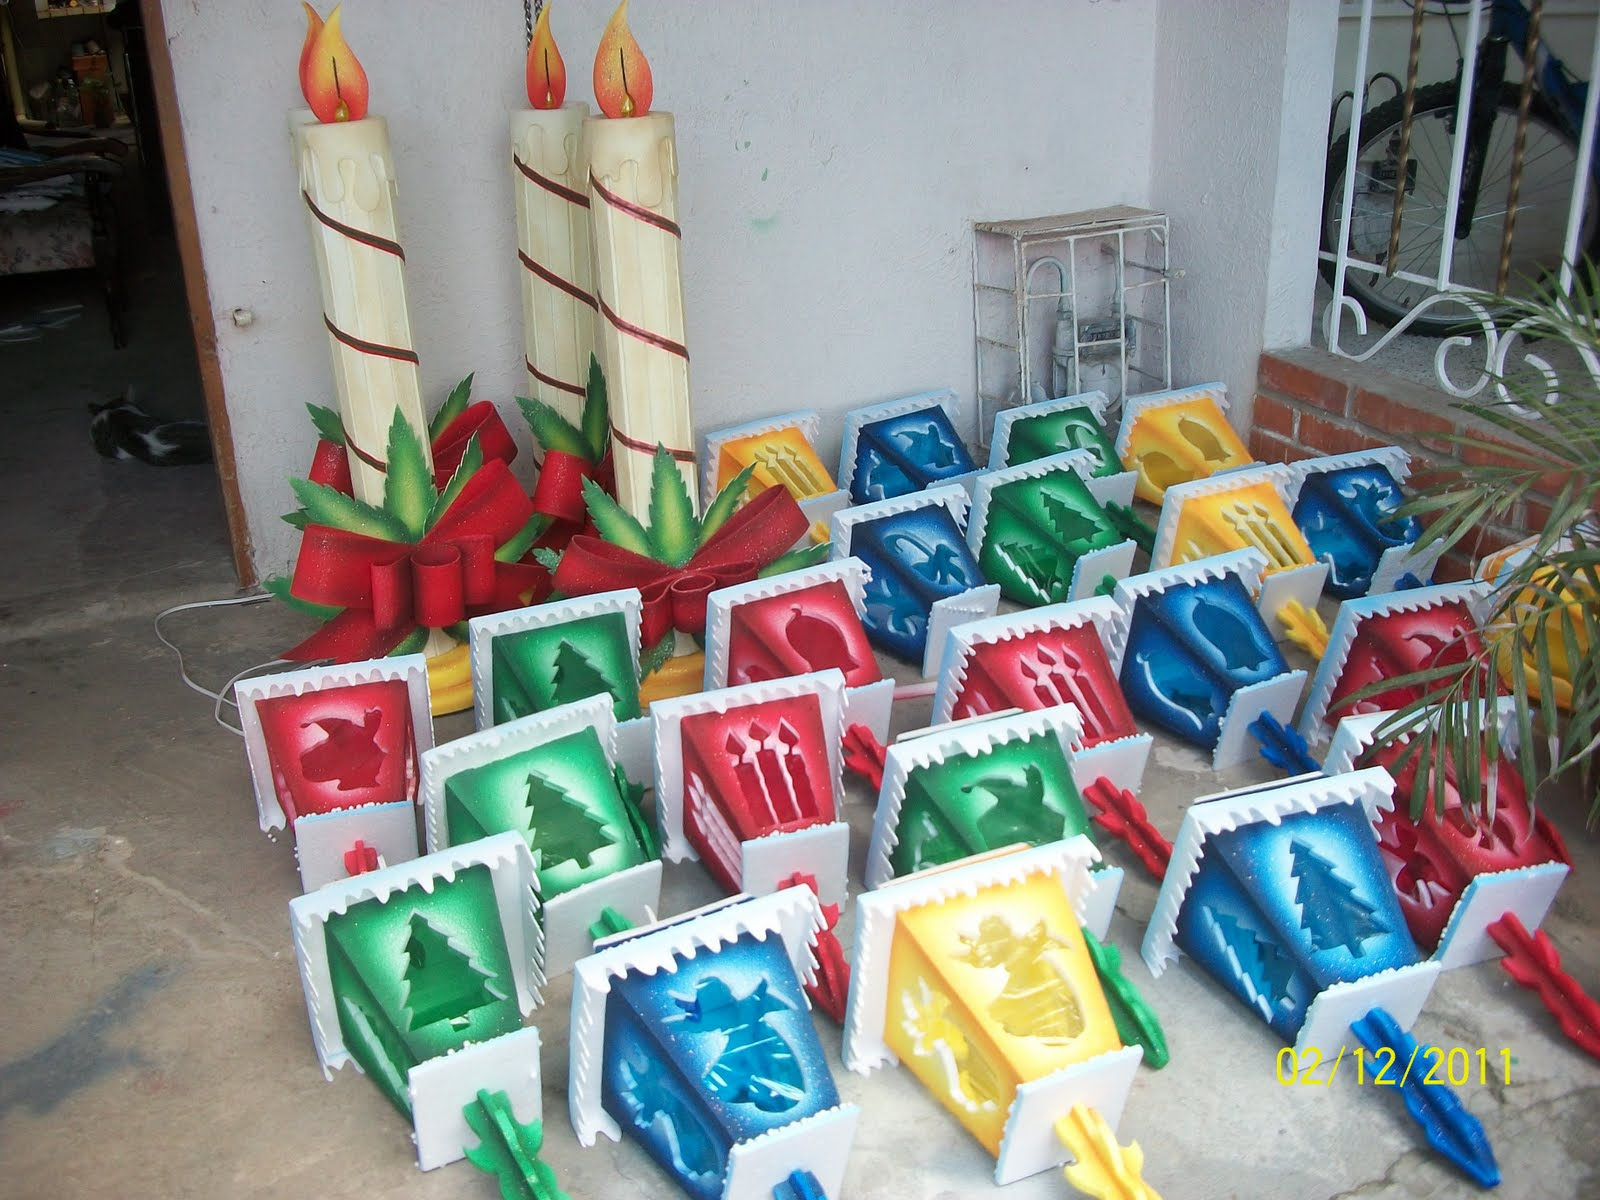 Decoraciones apliques de carnaval navide os en icopor y - Como se hacen adornos navidenos ...